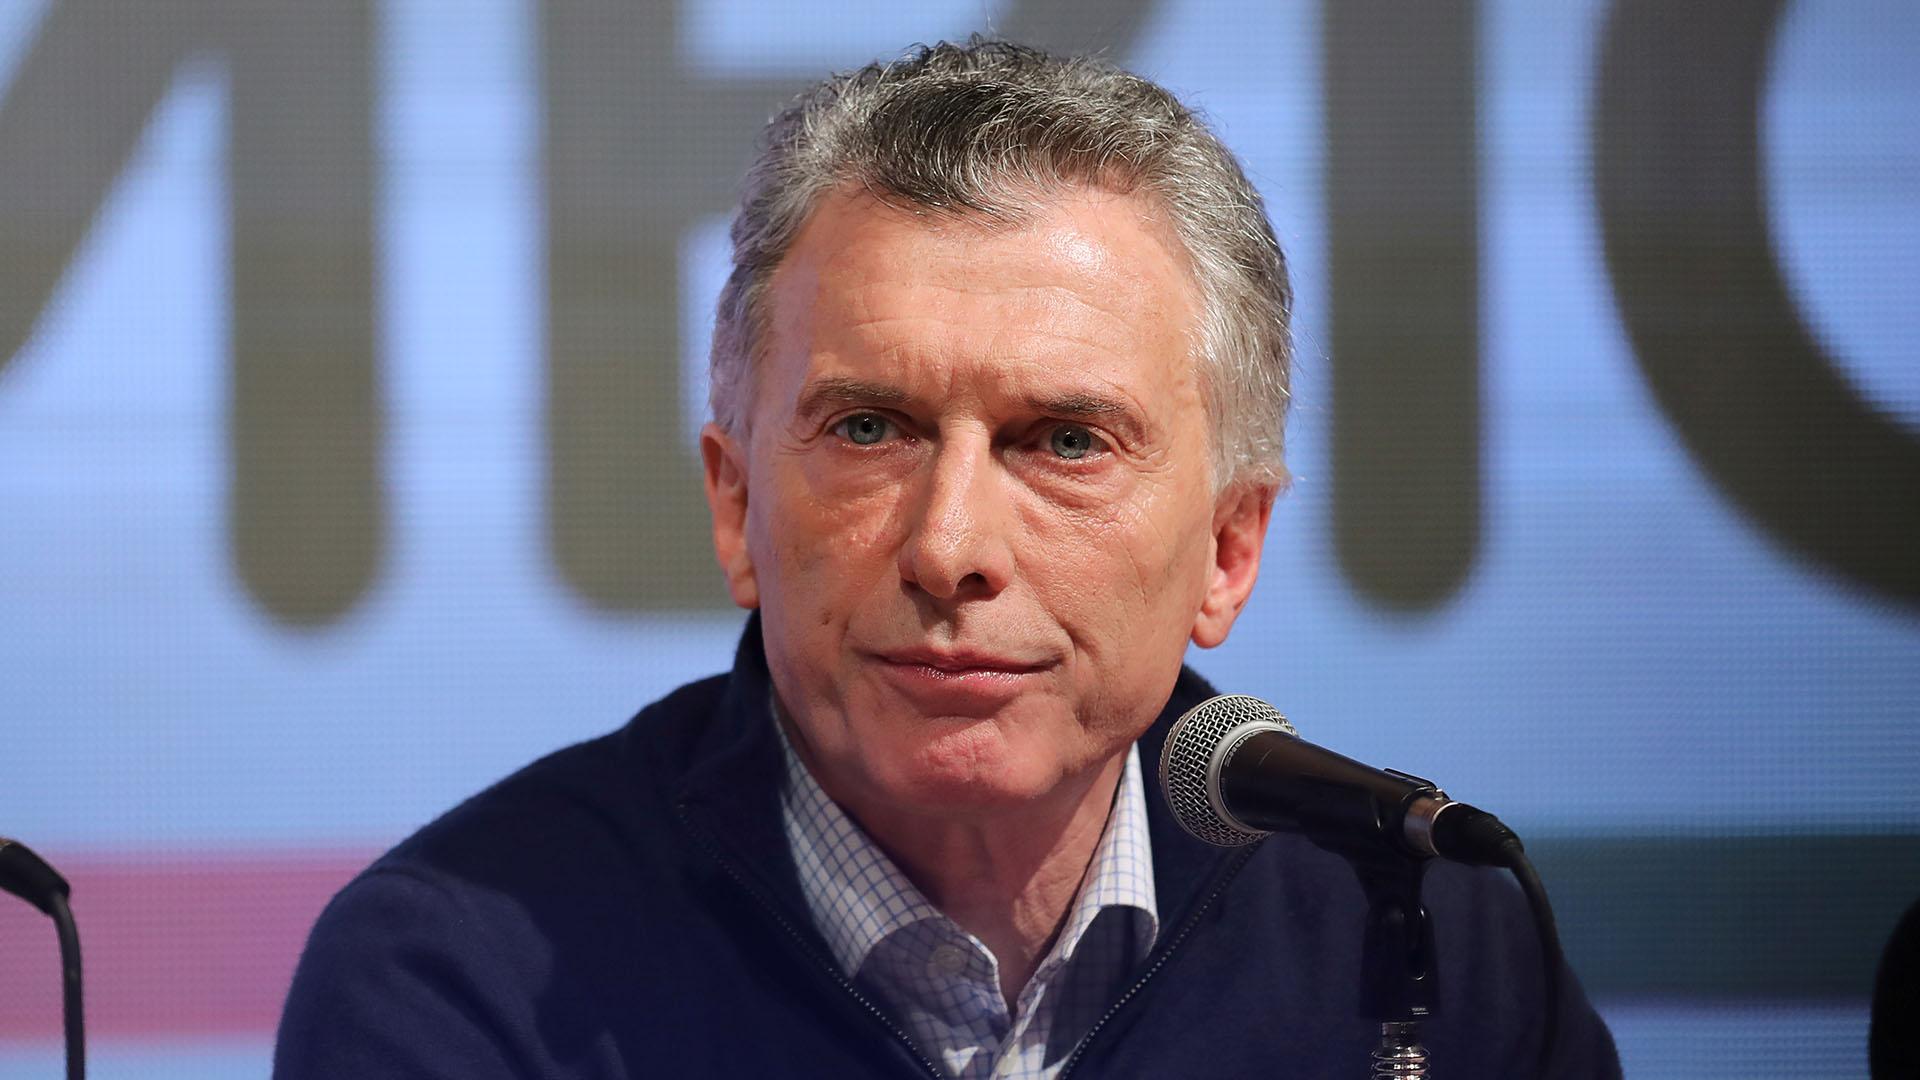 Por momentos de la conferencia de prensa en el búnker de Juntos por el Cambio, a Mauricio Macri se lo percibió abatido (REUTERS/Luisa Gonzalez)